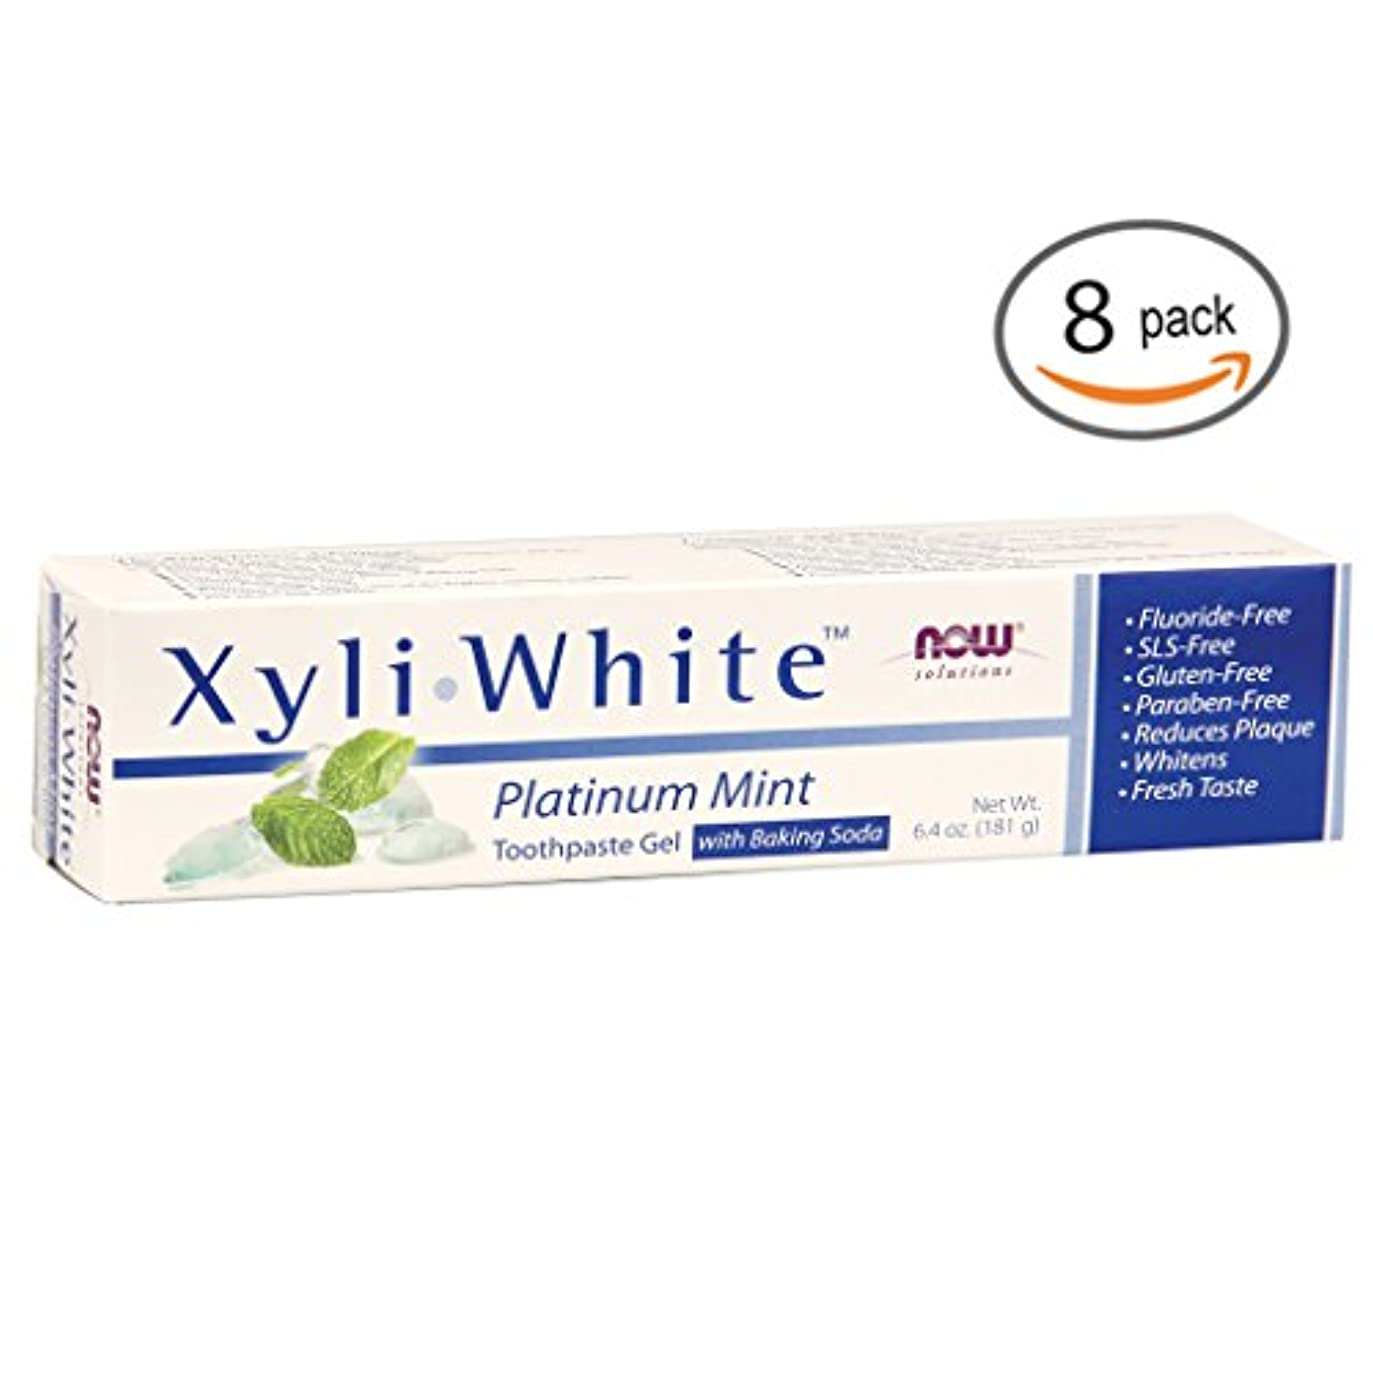 診療所に根絶するキシリホワイト 歯磨き粉  プラチナミント+ベーキングソーダ 182g 2個パック